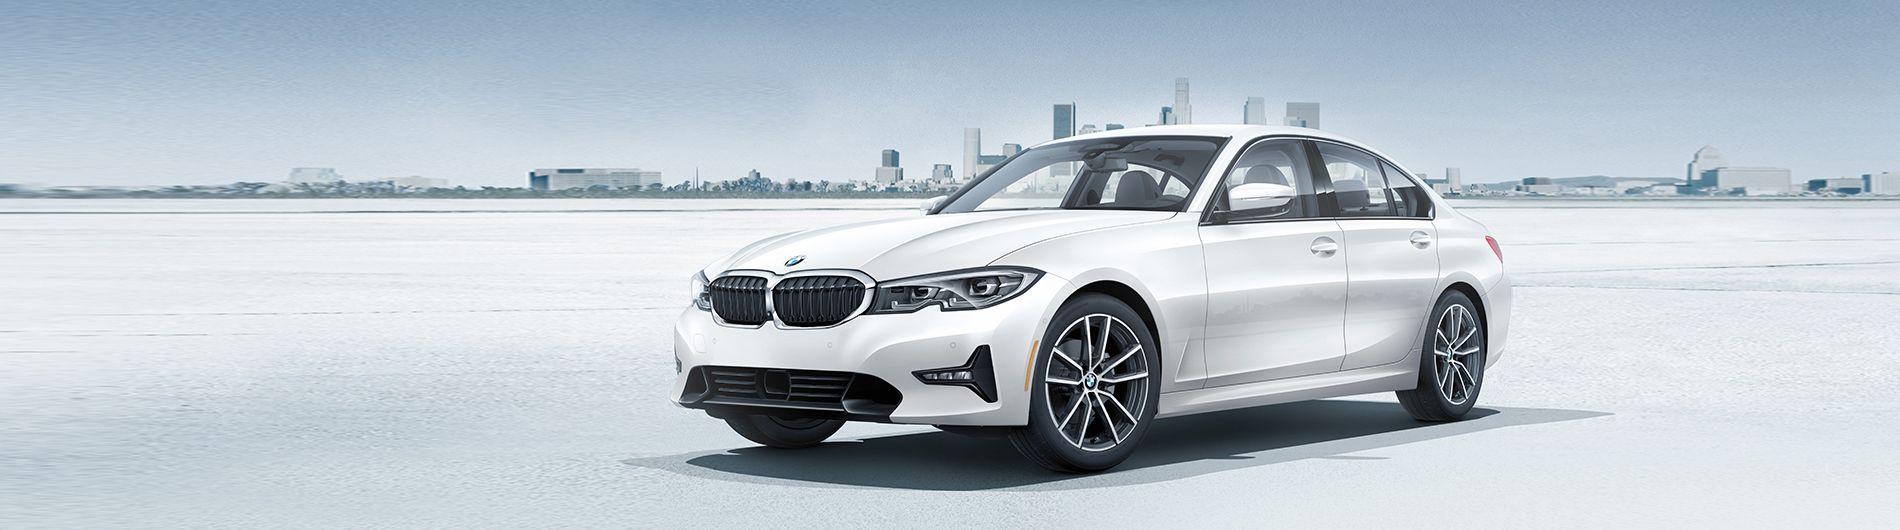 2019 BMW 330i - Braman BMW West Palm Beach